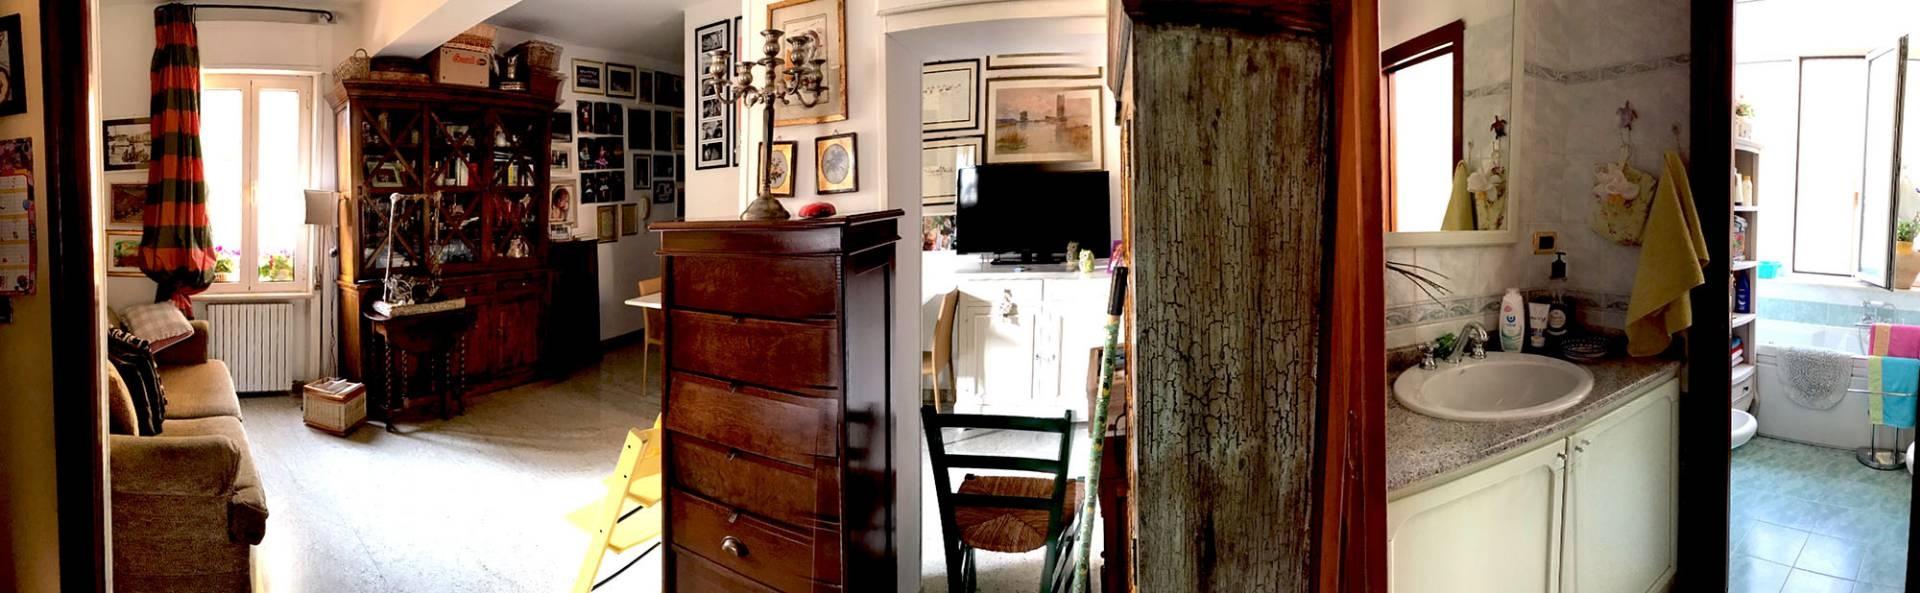 Appartamento in affitto a Ascoli Piceno, 4 locali, zona Zona: Tofare, prezzo € 105.000 | CambioCasa.it